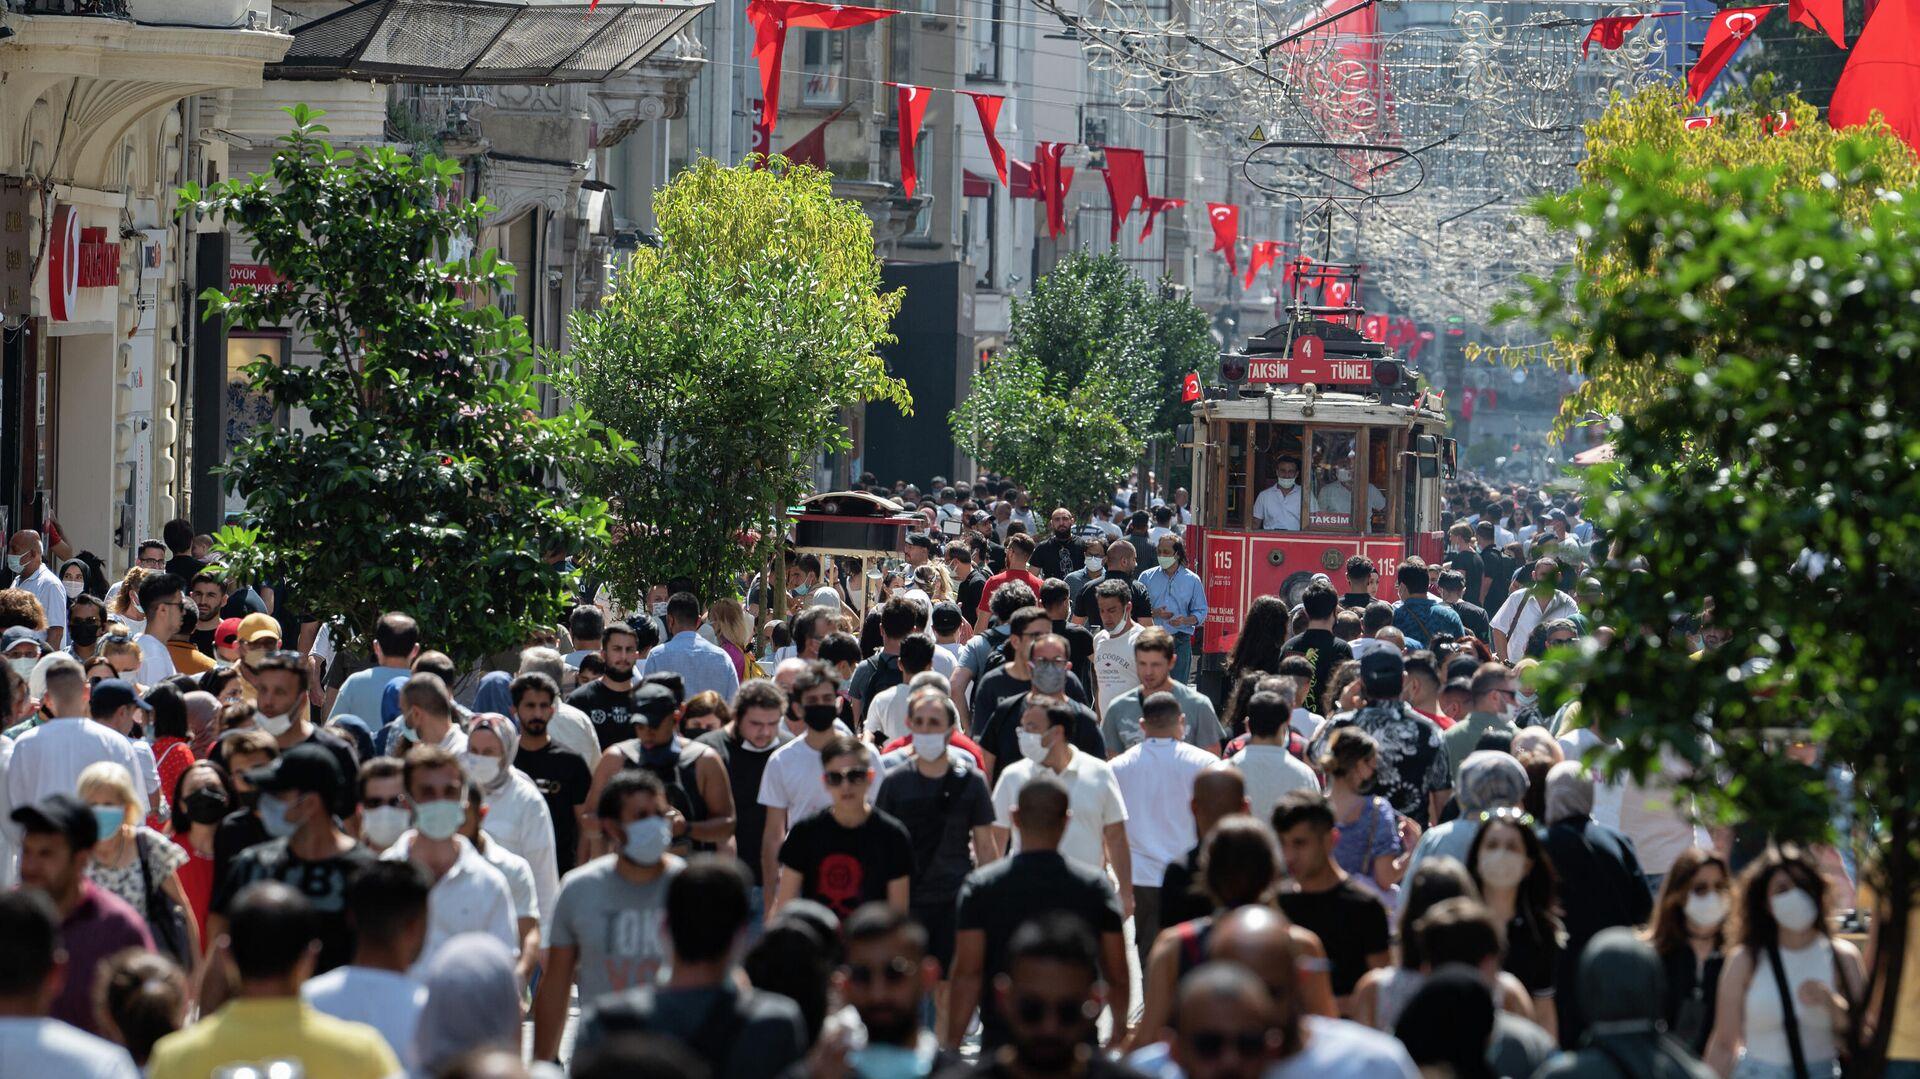 İstanbul, İstiklal Caddesi, vaka - Sputnik Türkiye, 1920, 25.08.2021